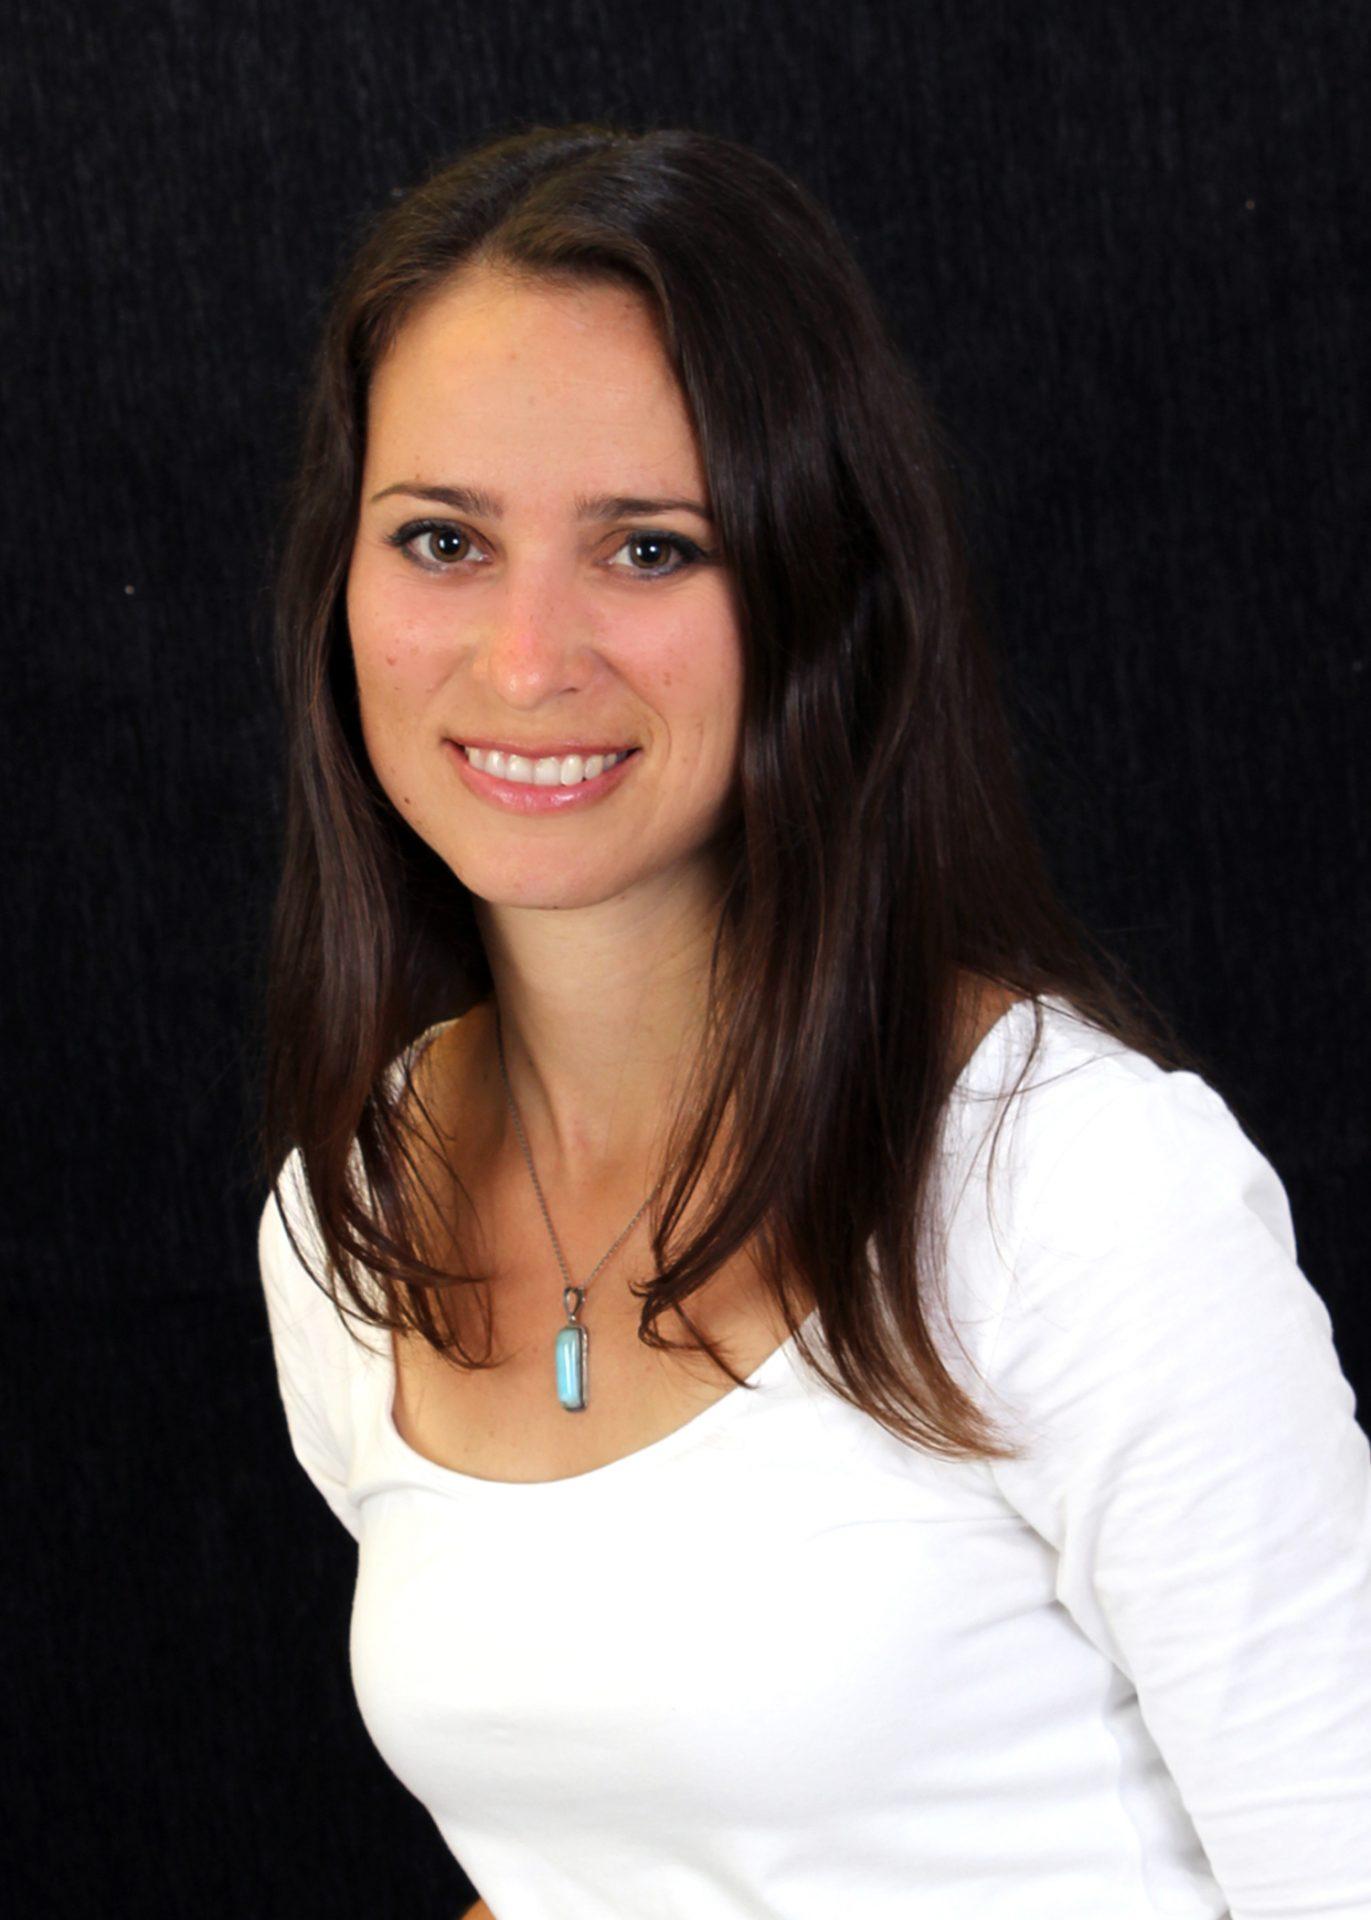 Emmanuelle Bachand